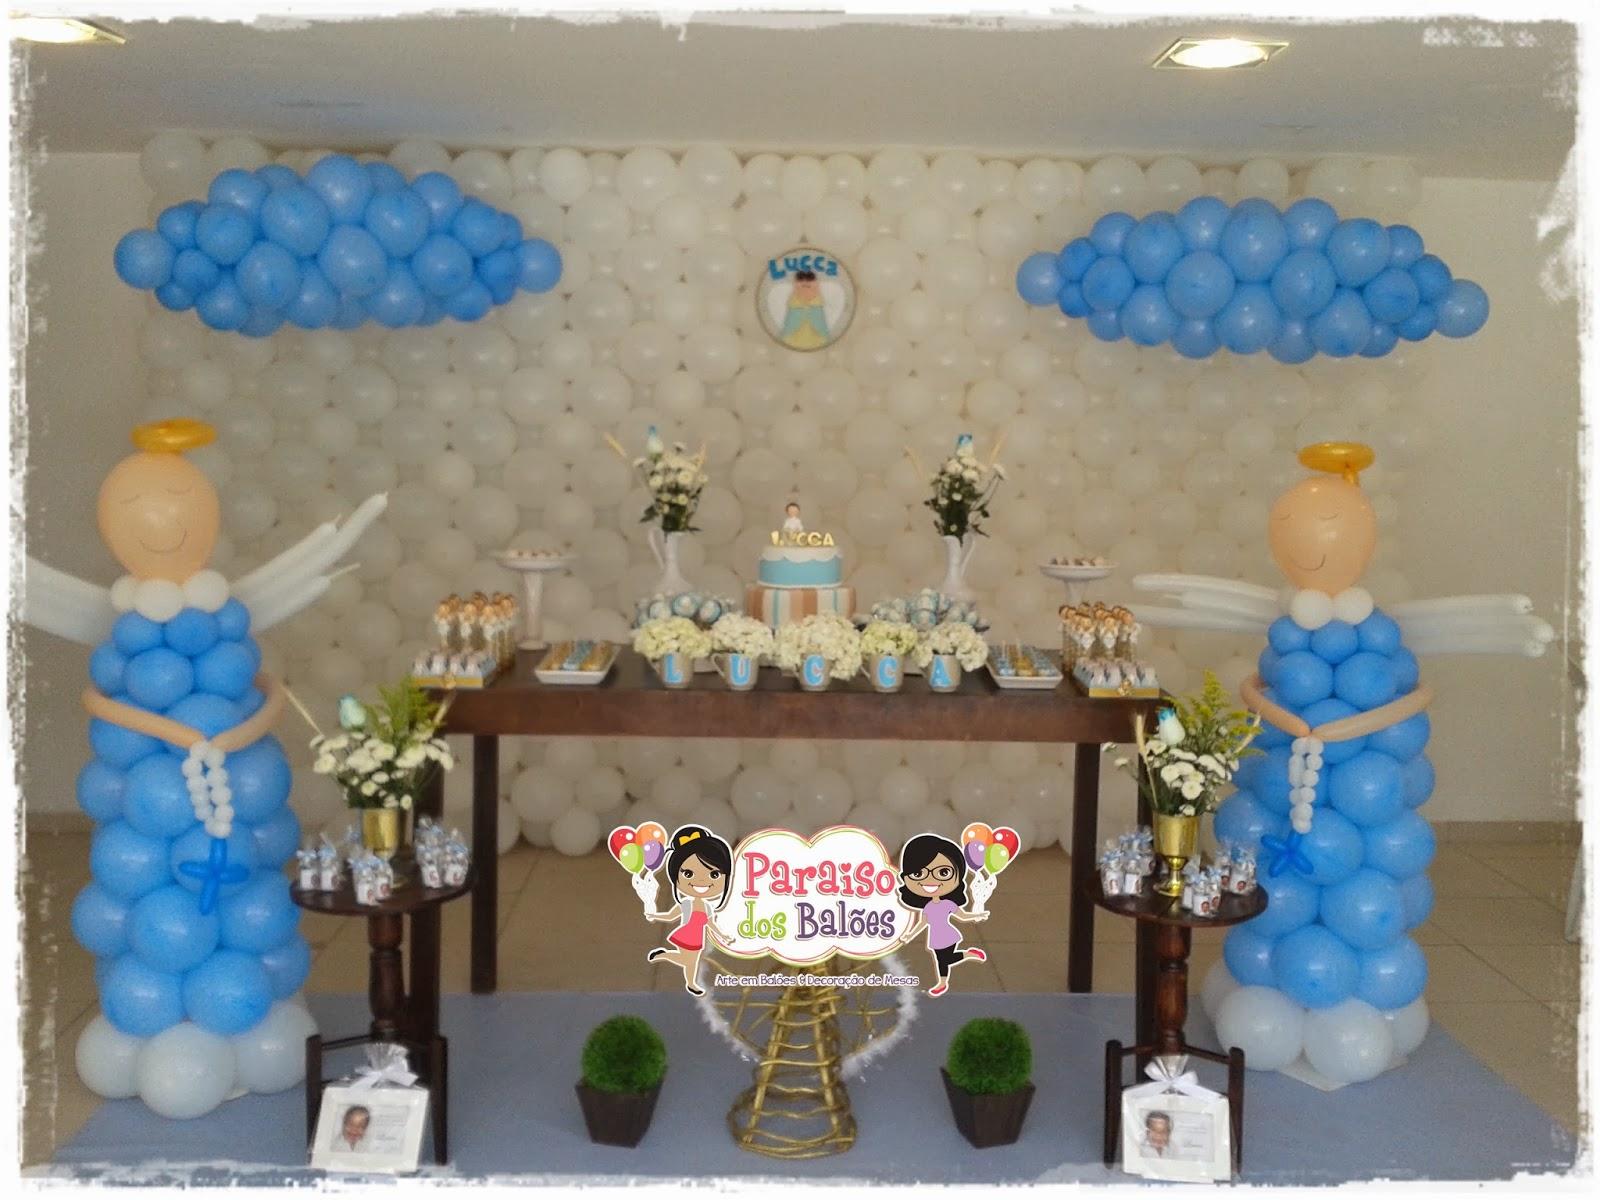 Decoração com balões no batizados